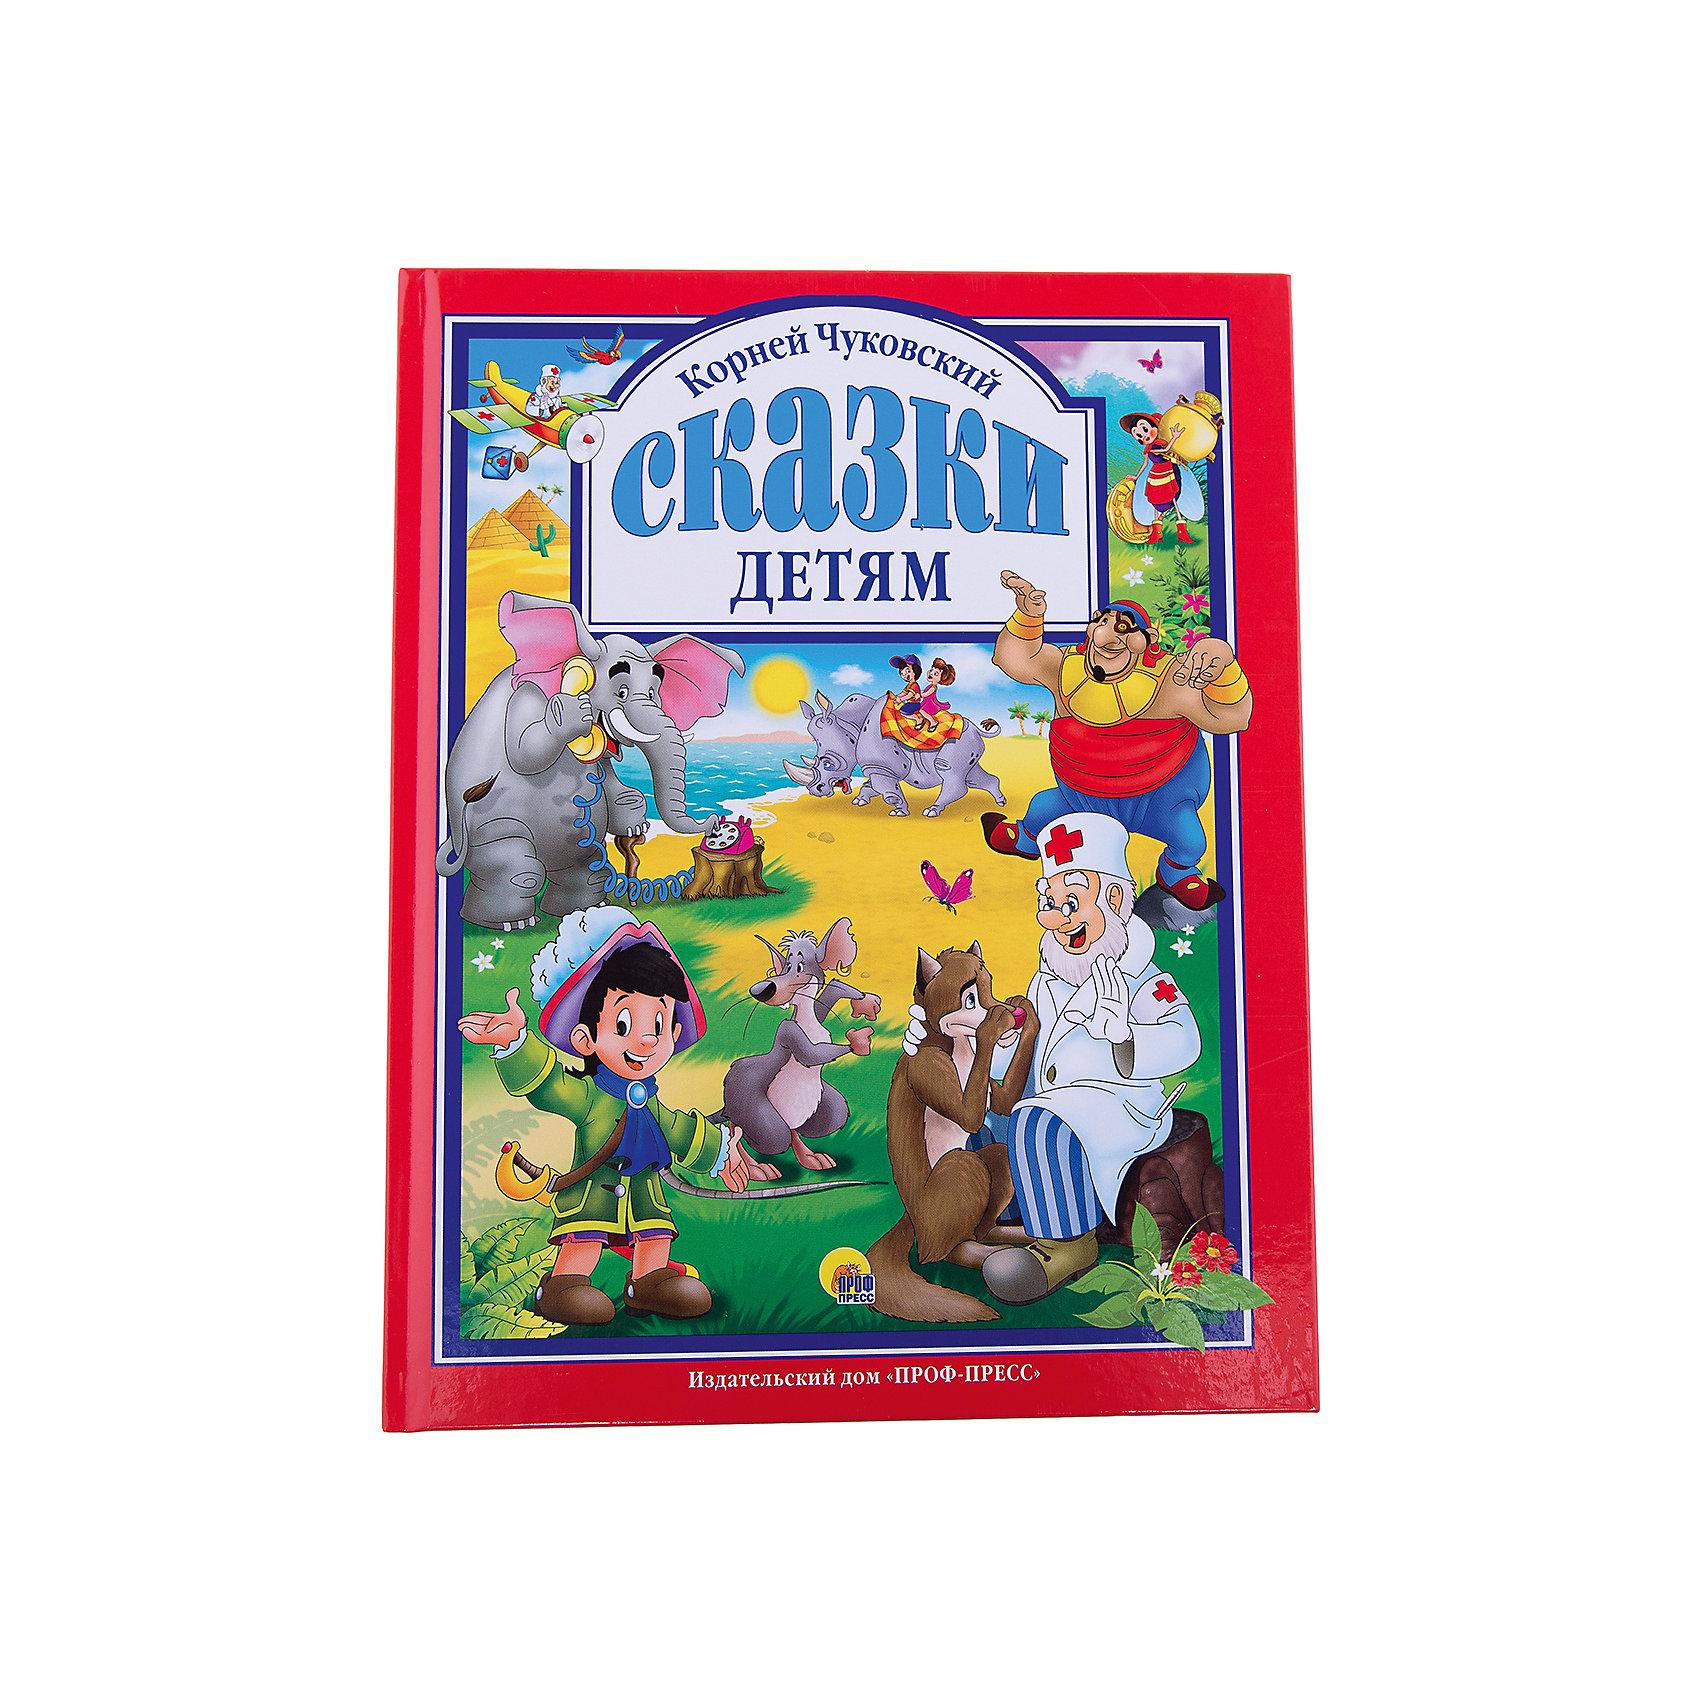 Сказки детям, К. ЧуковскийРусские сказки<br>Книги - это лучший подарок не только взрослым, они помогают детям познавать мир и учиться читать, также книги позволяют ребенку весело проводить время. Они также стимулируют развитие воображения, логики и творческого мышления. Данная серия собрала стихи, рассказы и сказки, проверенные многими поколениями, которые понравятся и современным детям. <br>Это издание очень красиво оформлено, в него вошли самые интересные произведения автора. Яркие картинки обязательно понравятся малышам! Книга сделана из качественных и безопасных для детей материалов. Содержание: Приключения Бибигона. Айболит, Бармалей, Муха-Цокотуха, Мойдодыр и Краденое солнце и другие.<br>  <br>Дополнительная информация:<br><br>размер: 200х265 мм;<br>вес: 441 г.<br><br>Книгу Сказки детям, К. Чуковский от издательства Проф-Пресс можно купить в нашем магазине.<br><br>Ширина мм: 200<br>Глубина мм: 13<br>Высота мм: 265<br>Вес г: 441<br>Возраст от месяцев: 0<br>Возраст до месяцев: 60<br>Пол: Унисекс<br>Возраст: Детский<br>SKU: 4787337